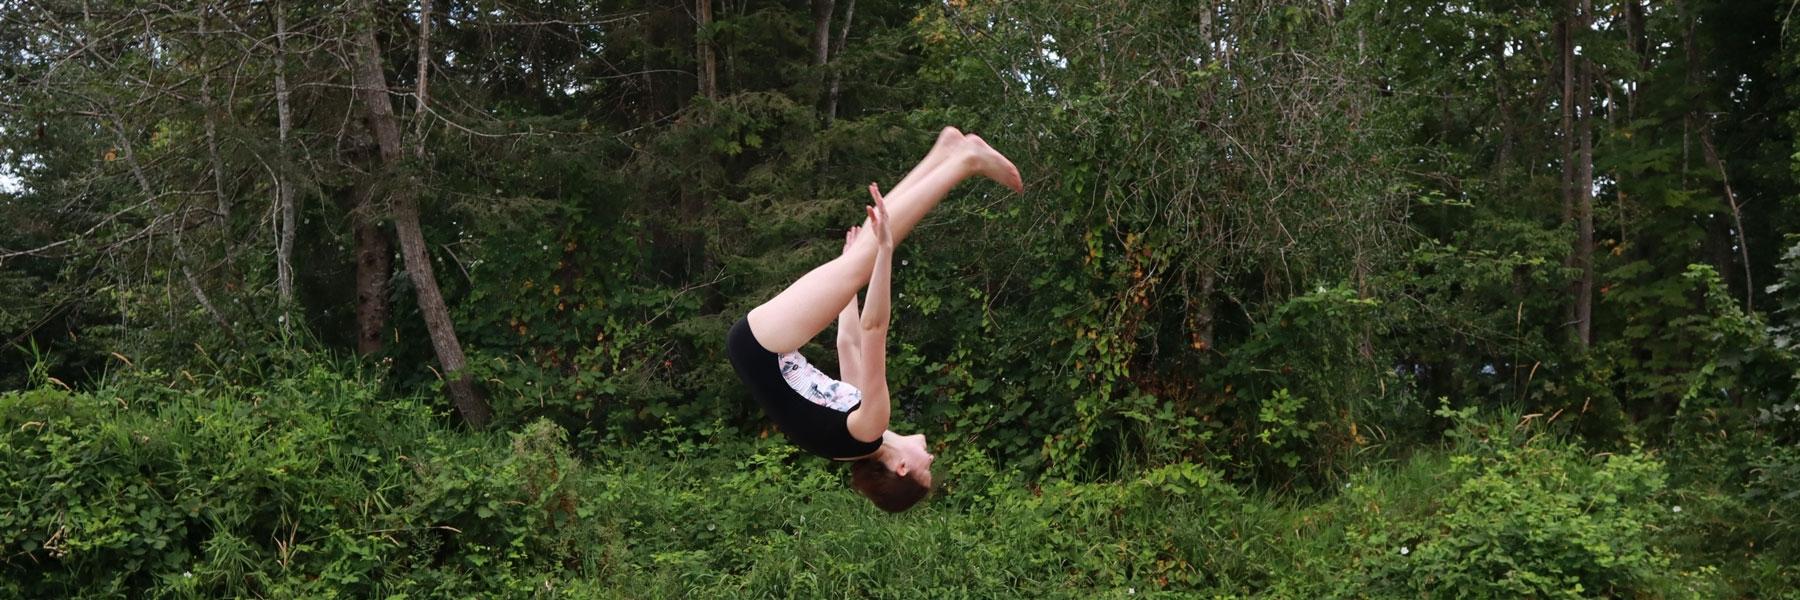 Gymnasticsbanner5